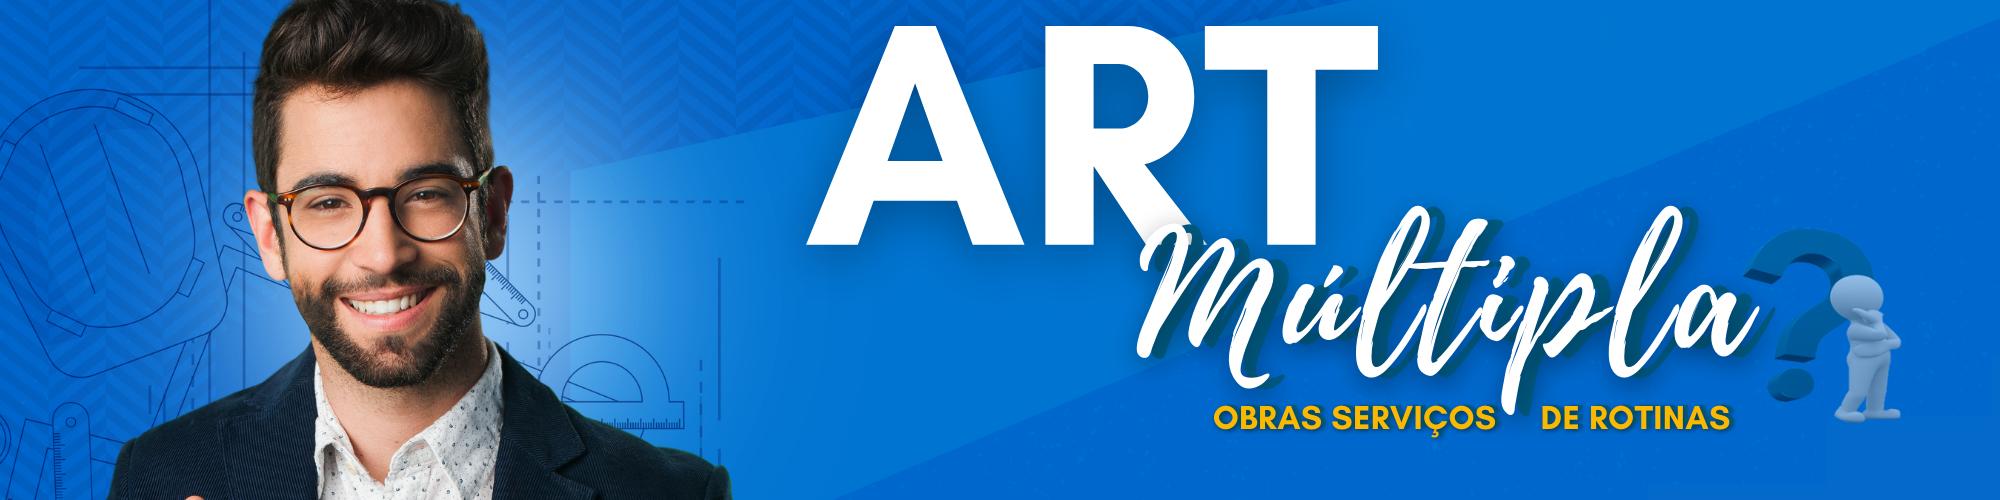 [banner: banner] - ART.png